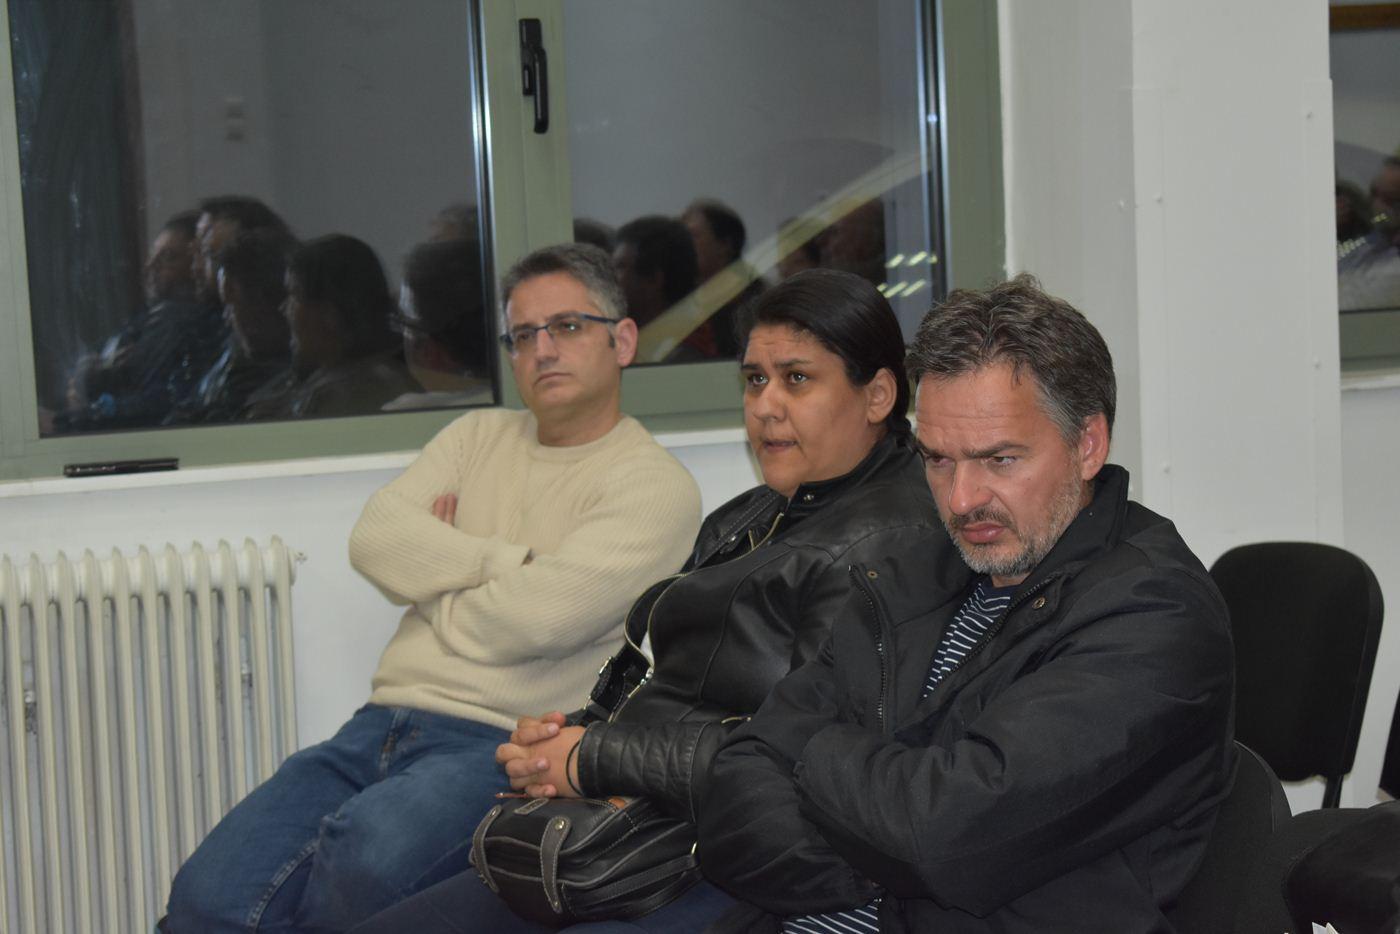 Σύσκεψη για τις εξελίξεις στη ΓΣΕΕ πραγματοποίησαν συνδικαλιστές του ΕΚΝΛ (φωτο)